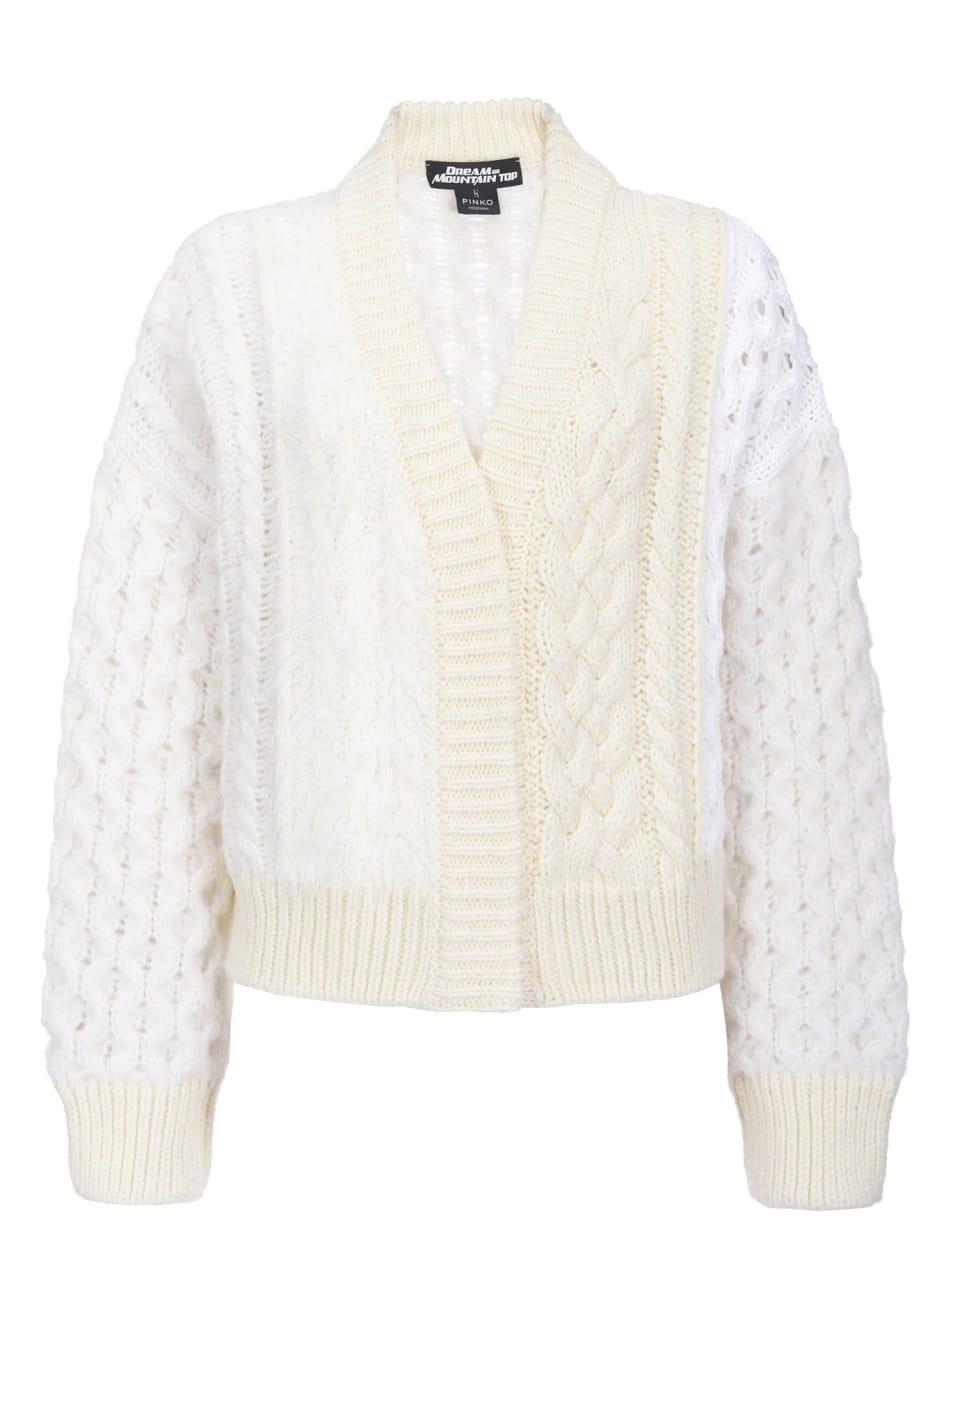 縄編みカーディガン